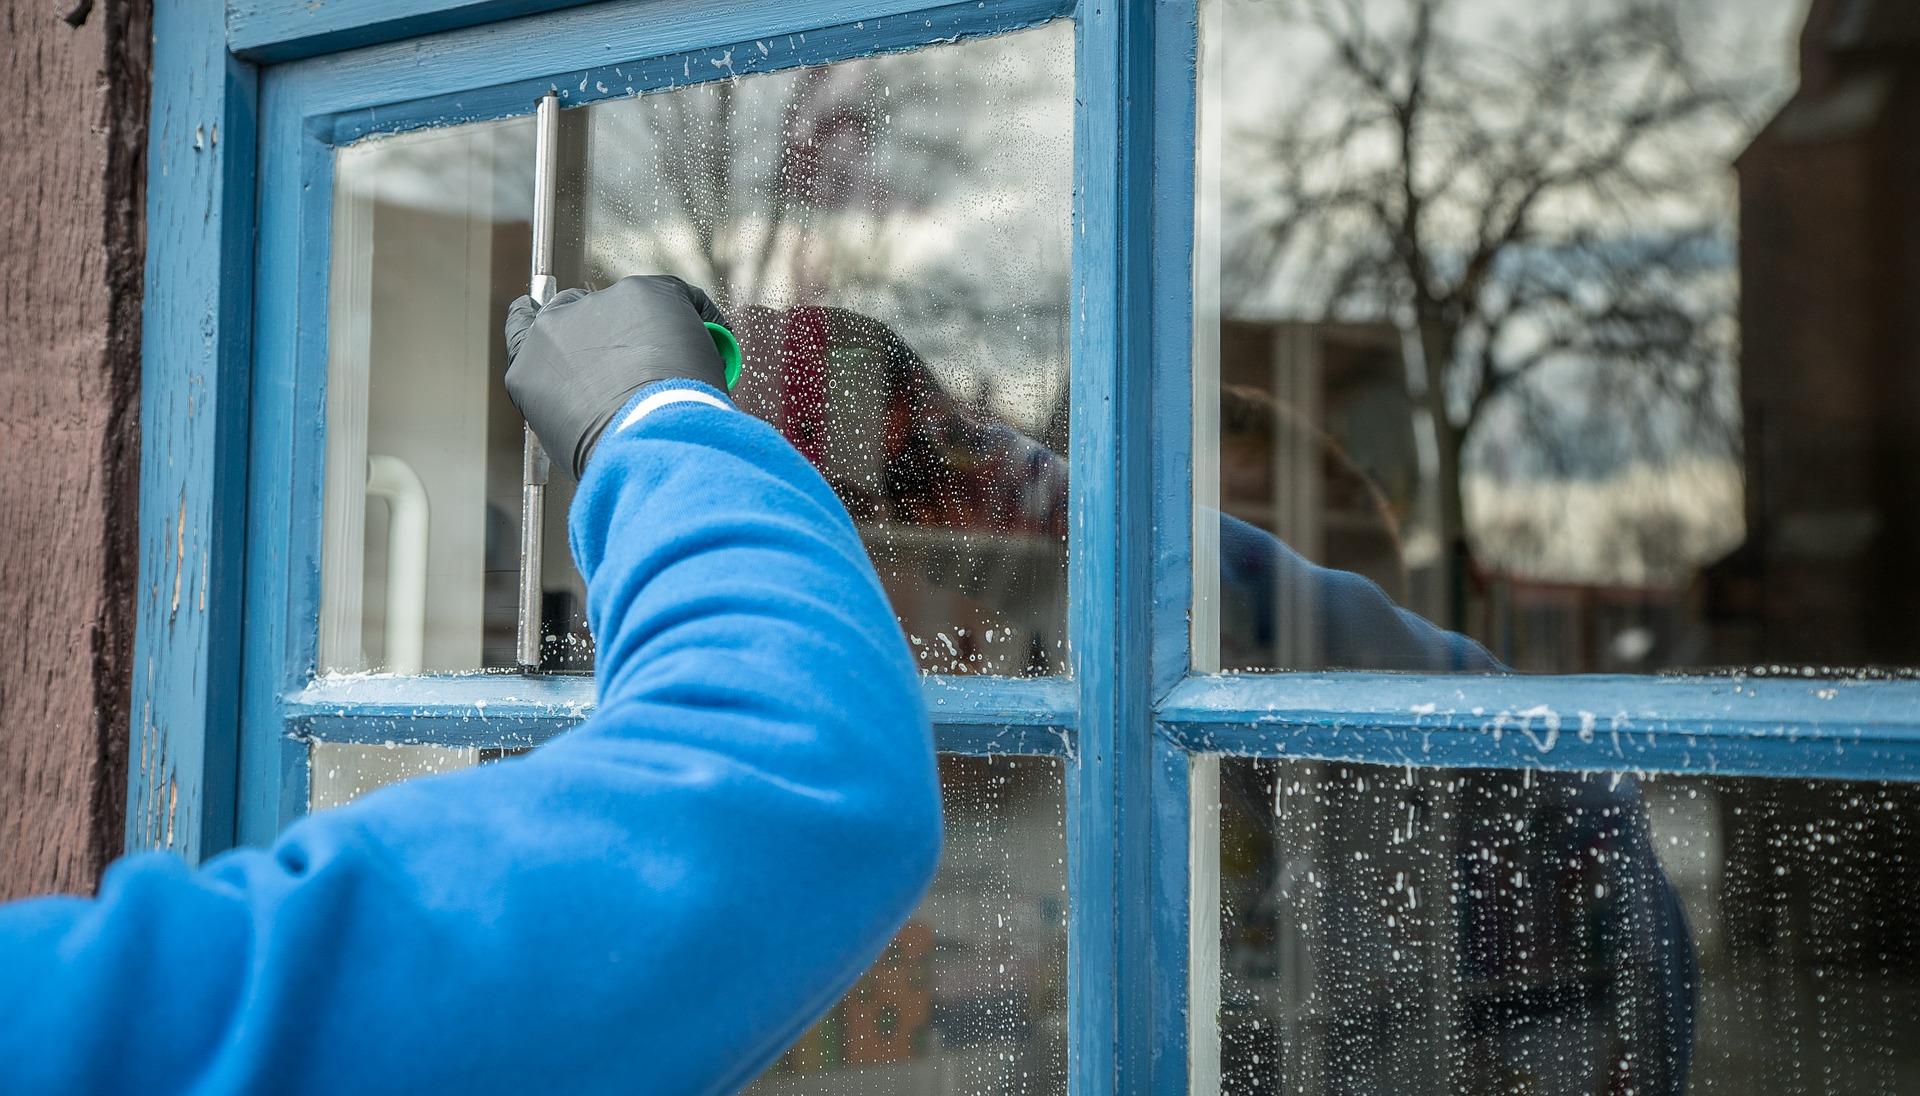 Myjemy okna z przymrużeniem oka - Zdjęcie główne